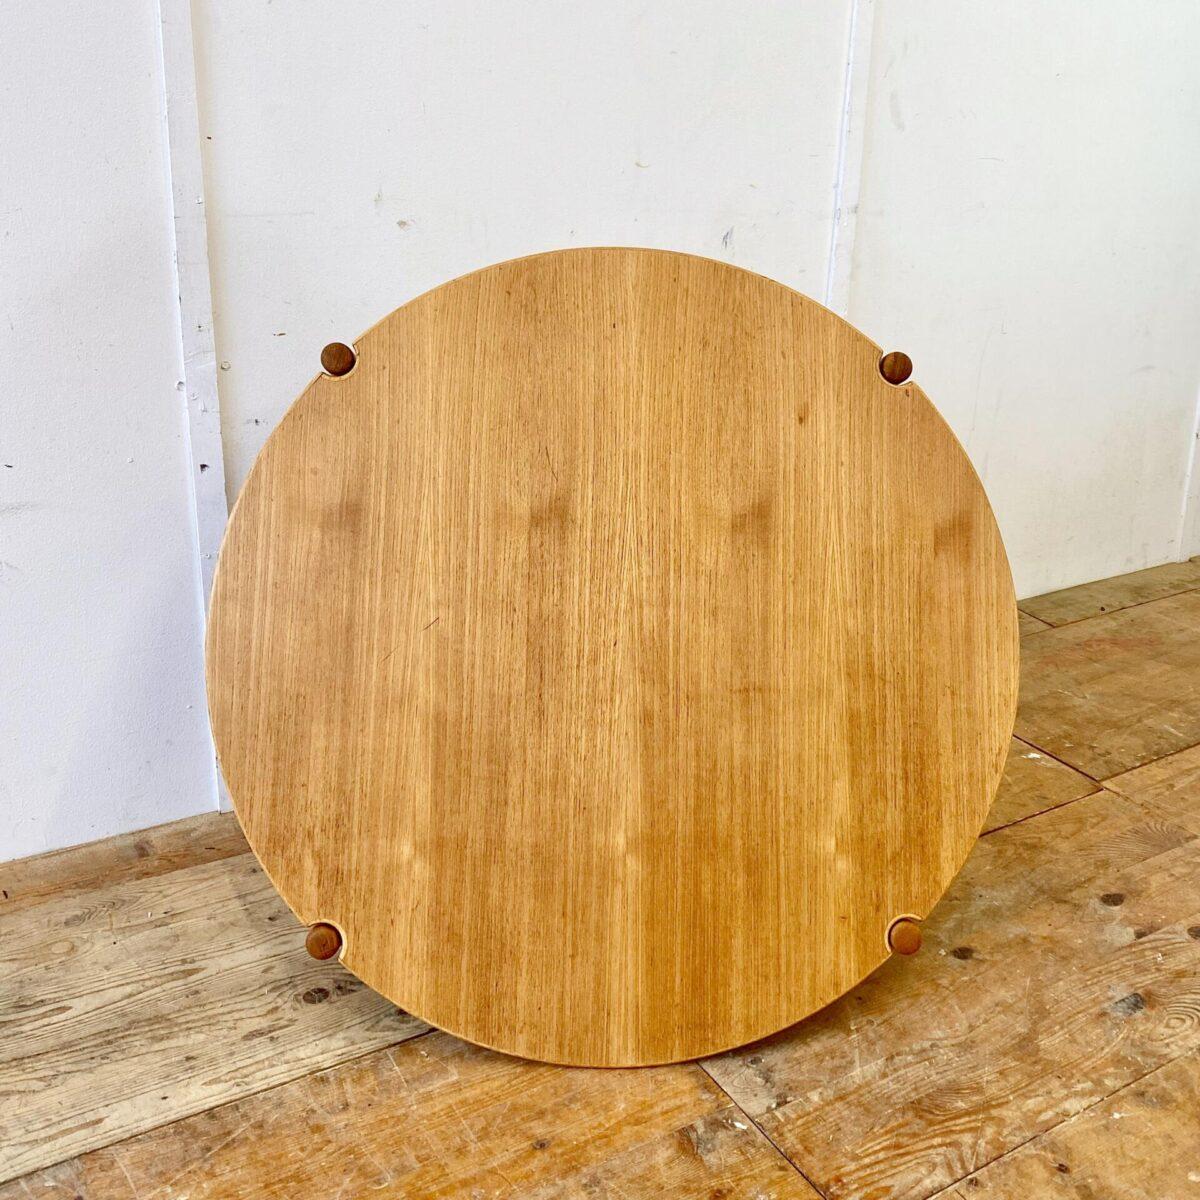 Midcentury Teak Salontisch. Durchmesser 102cm Höhe 38.5cm. Der Couchtisch ist in gepflegtem guten Zustand, die runden konischen Beine haben Kleine Messing Füsse.